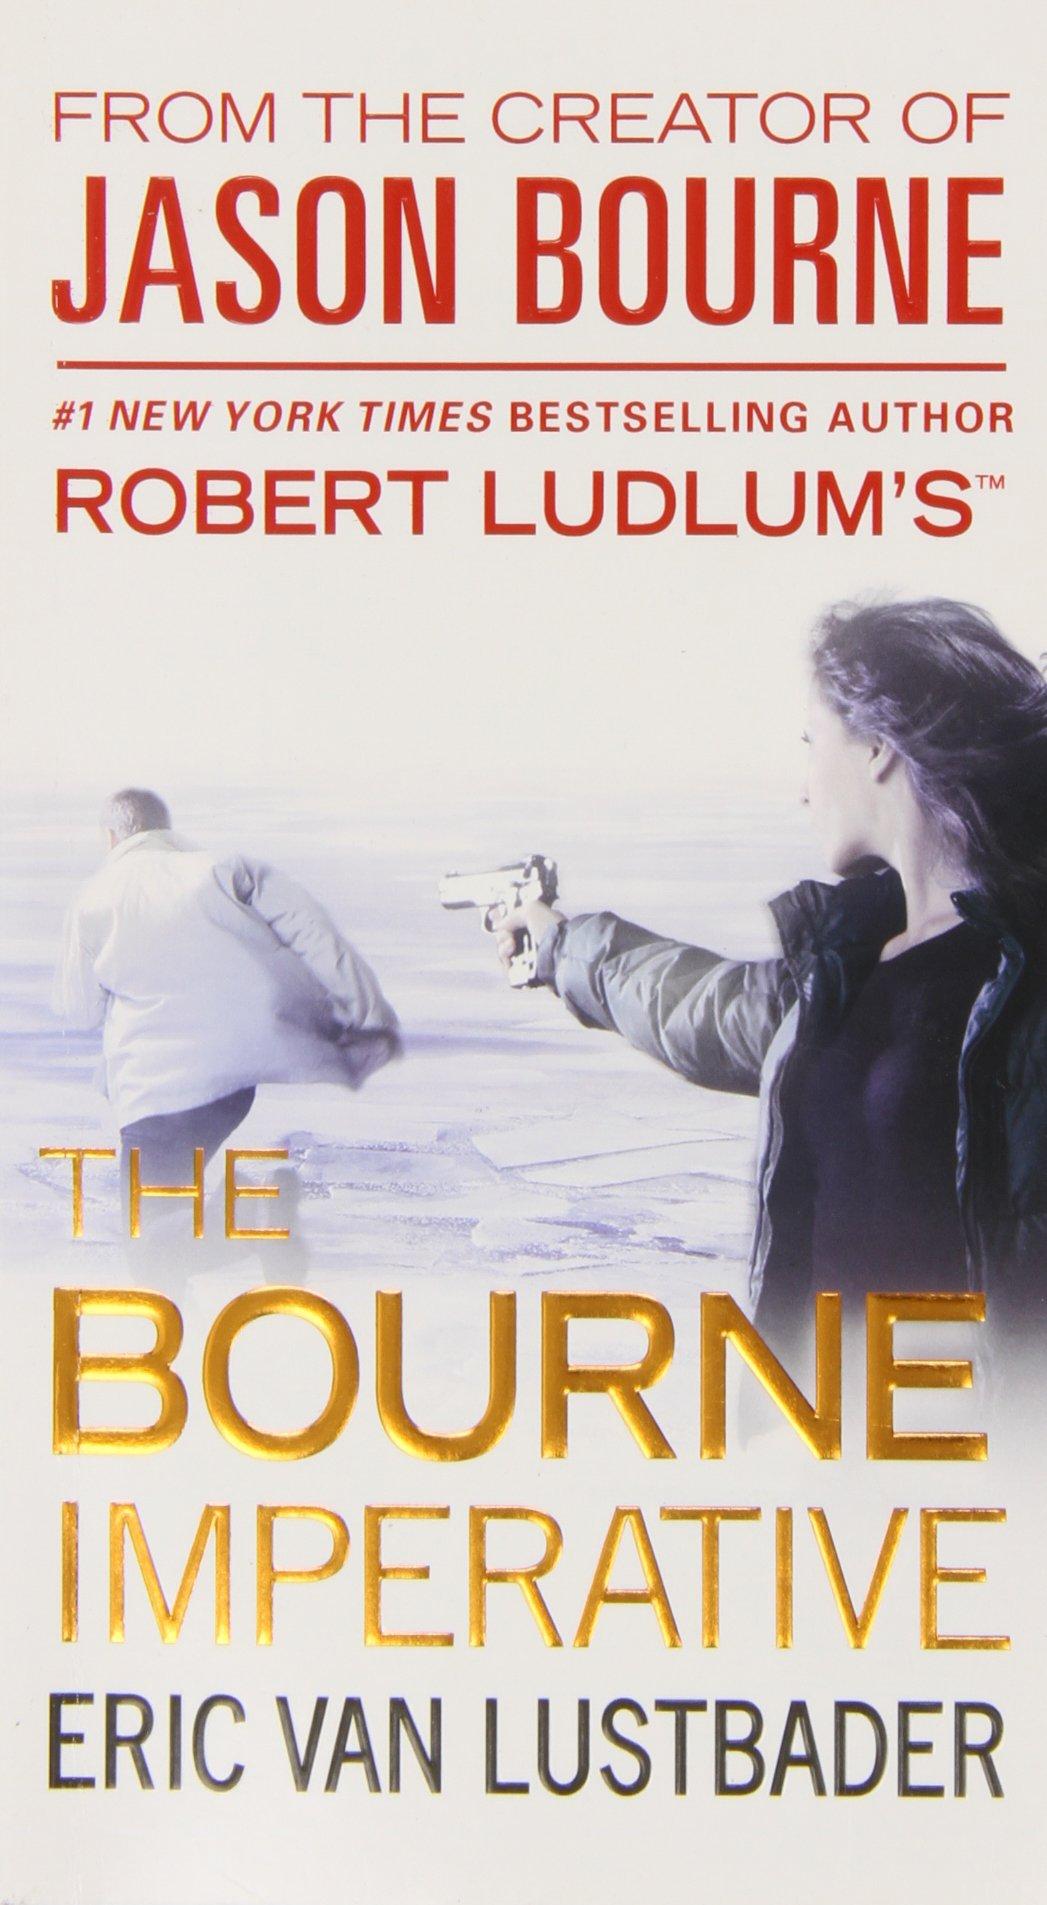 Αποτέλεσμα εικόνας για author of jason bourne